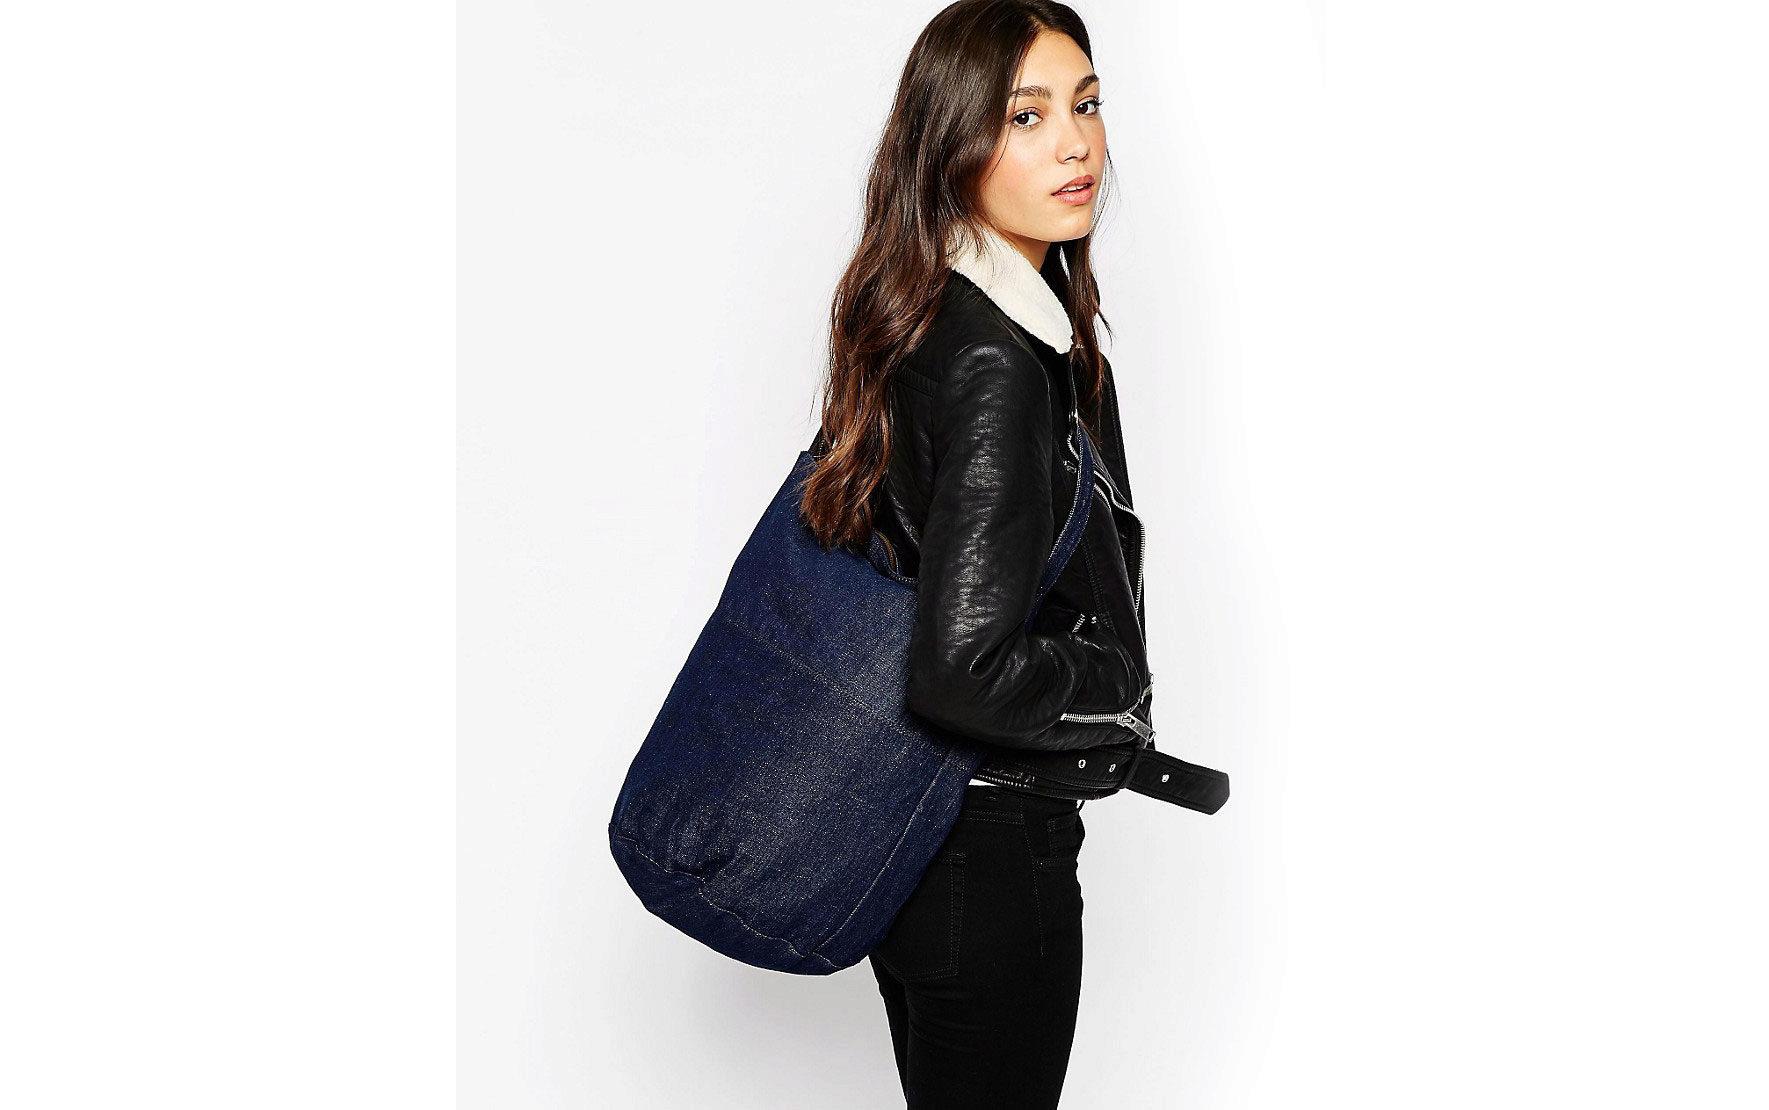 kak-sdelat-sumku-iz-dzhinsov-svoimi-rukami--228 Как сшить сумку из старых джинсов своими руками выкройки фото. Как своими руками сшить сумку из старых джинсов по простой выкройке?